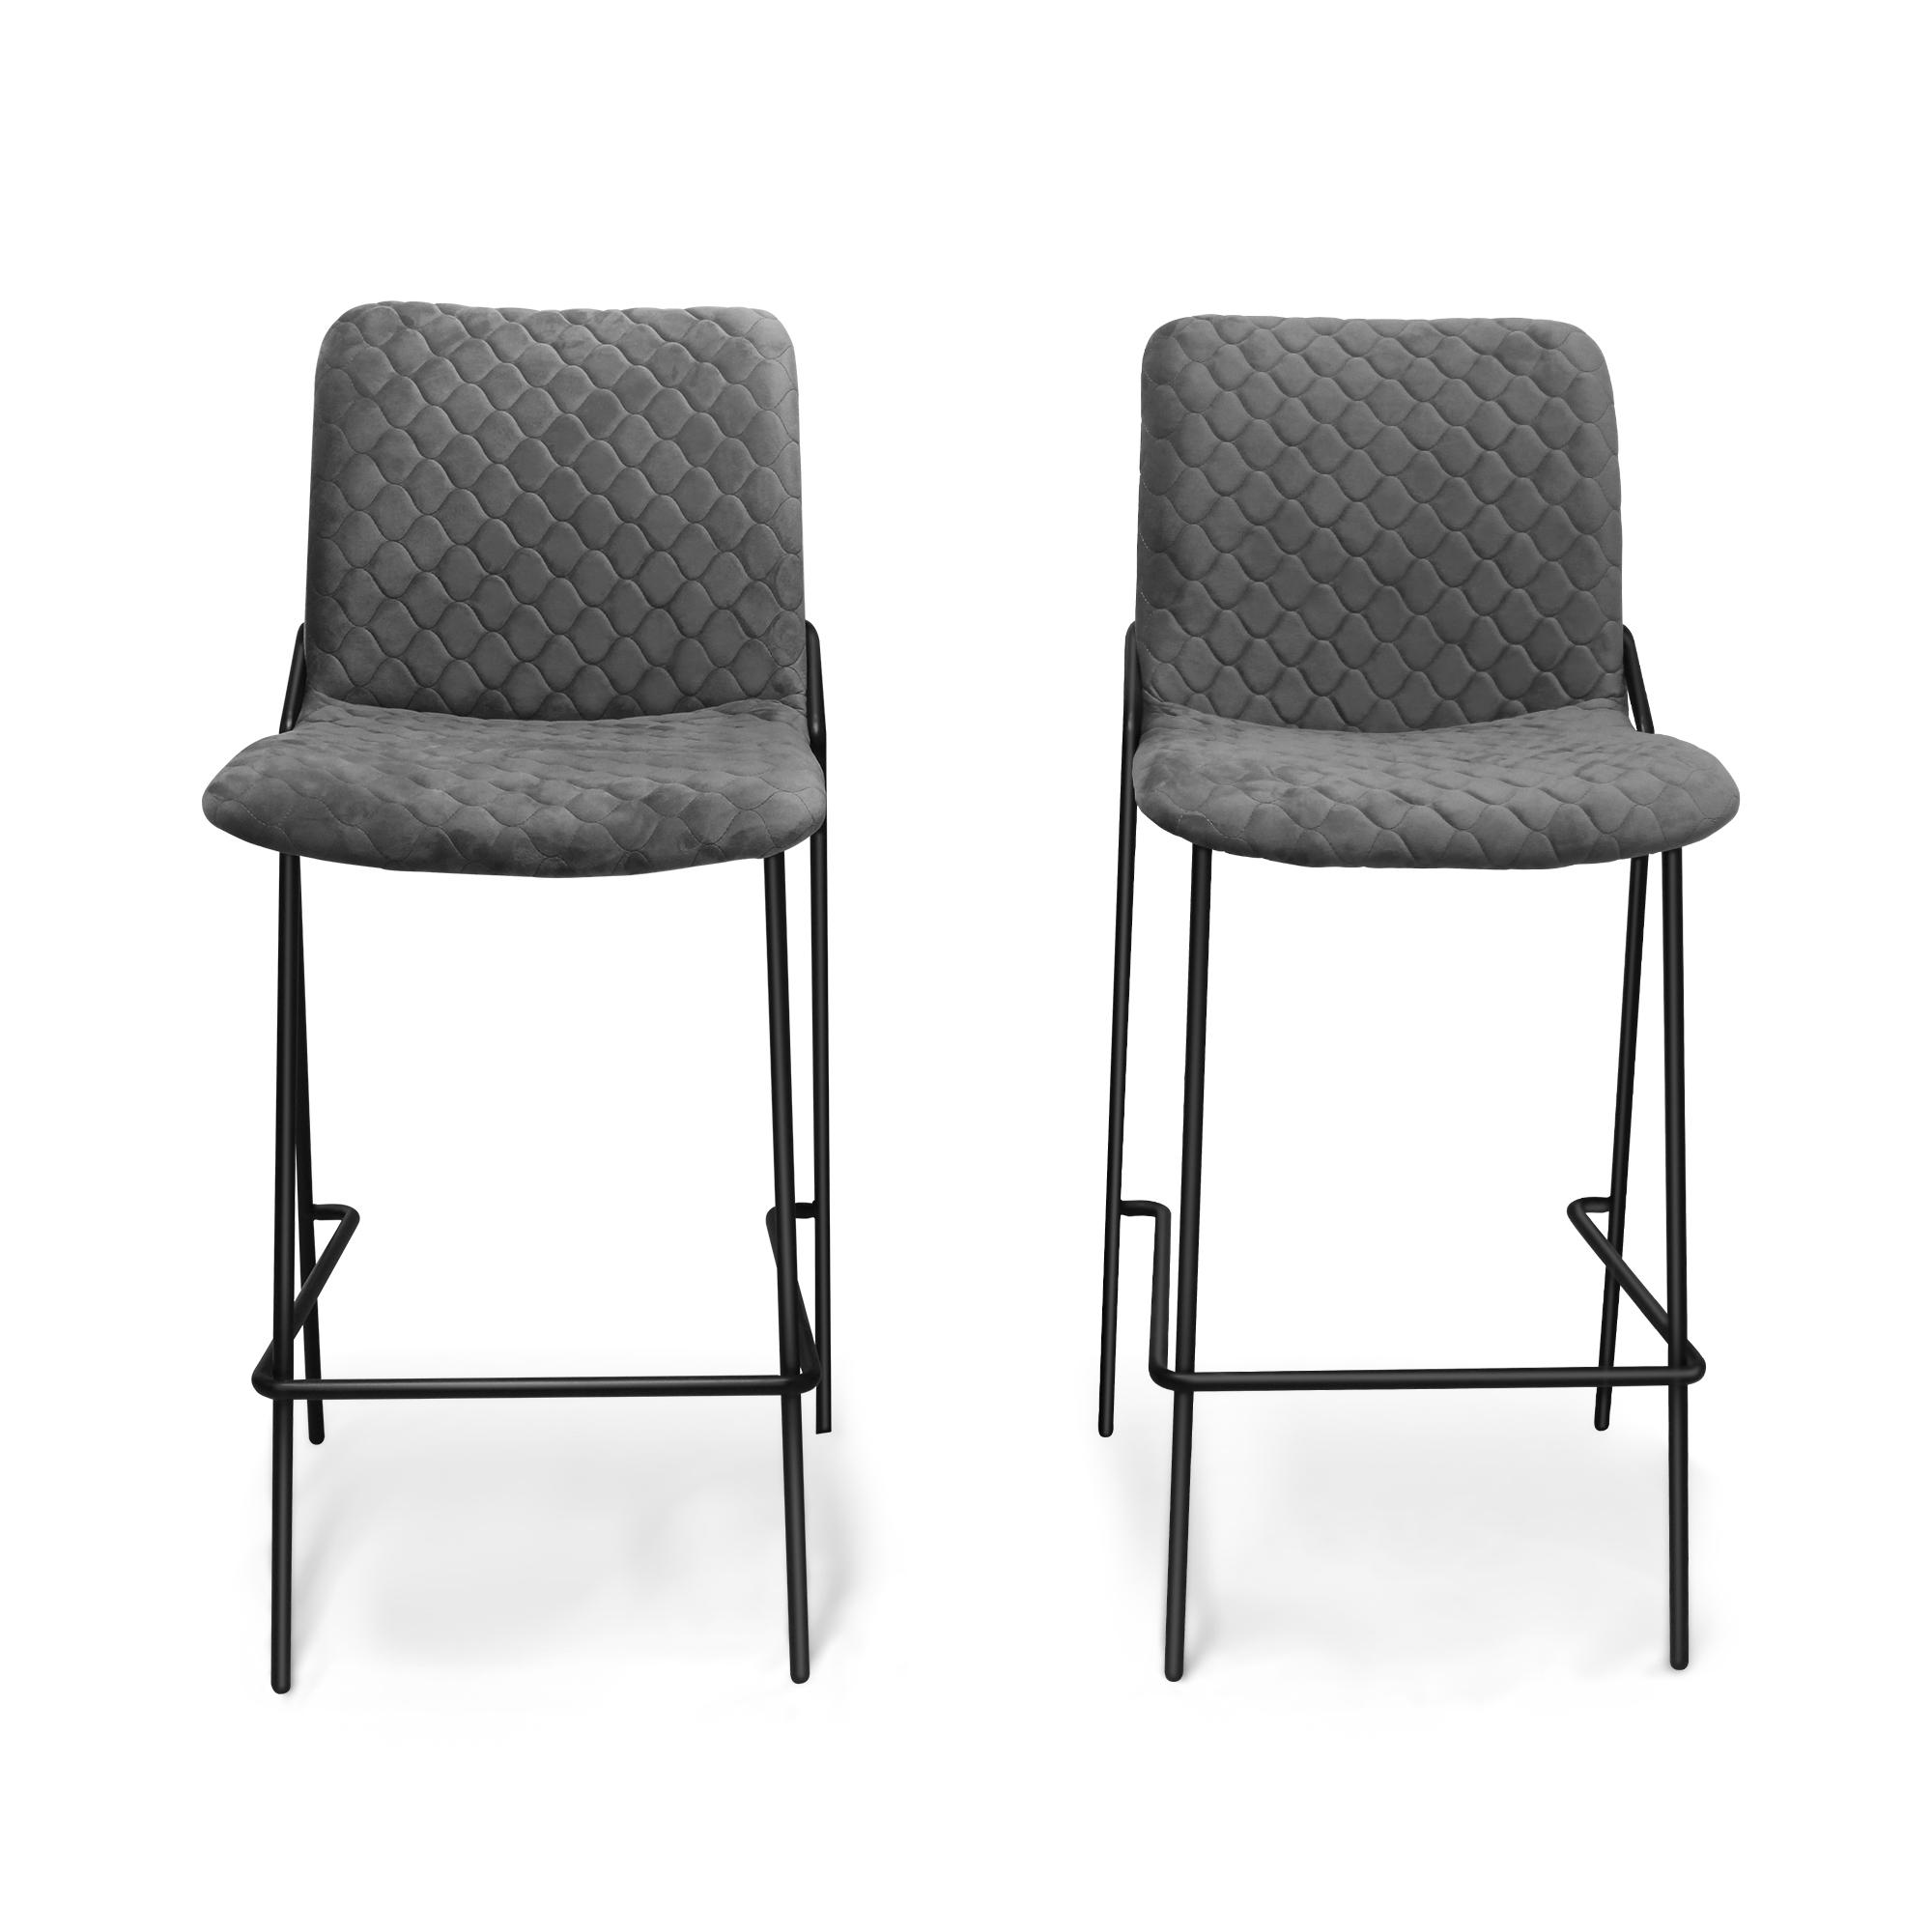 2个/套轻奢吧椅现代家用咖啡厅酒吧台椅靠背布艺高脚凳